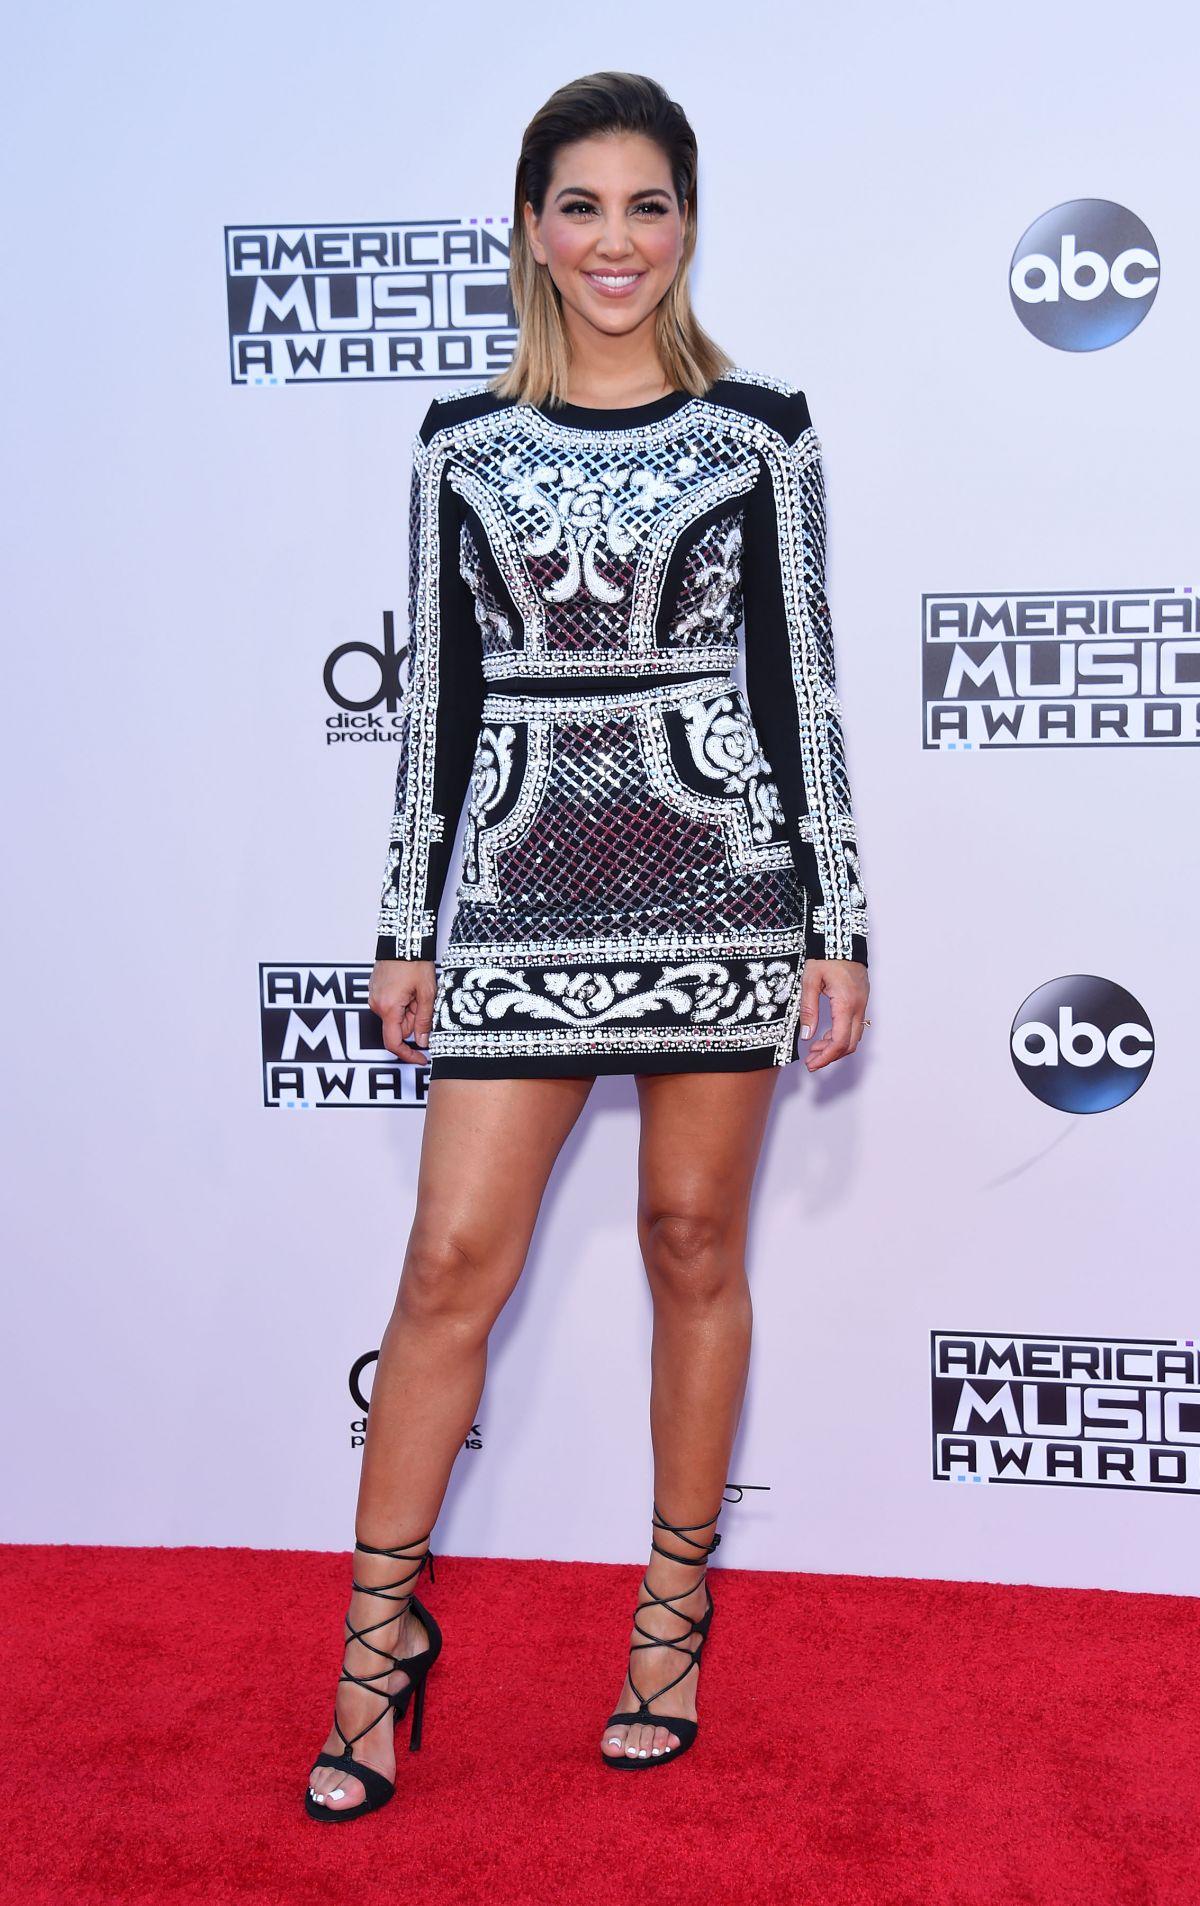 LIZ HERNANDEZ at 2015 American Music Awards in Los Angeles 11/22/2015